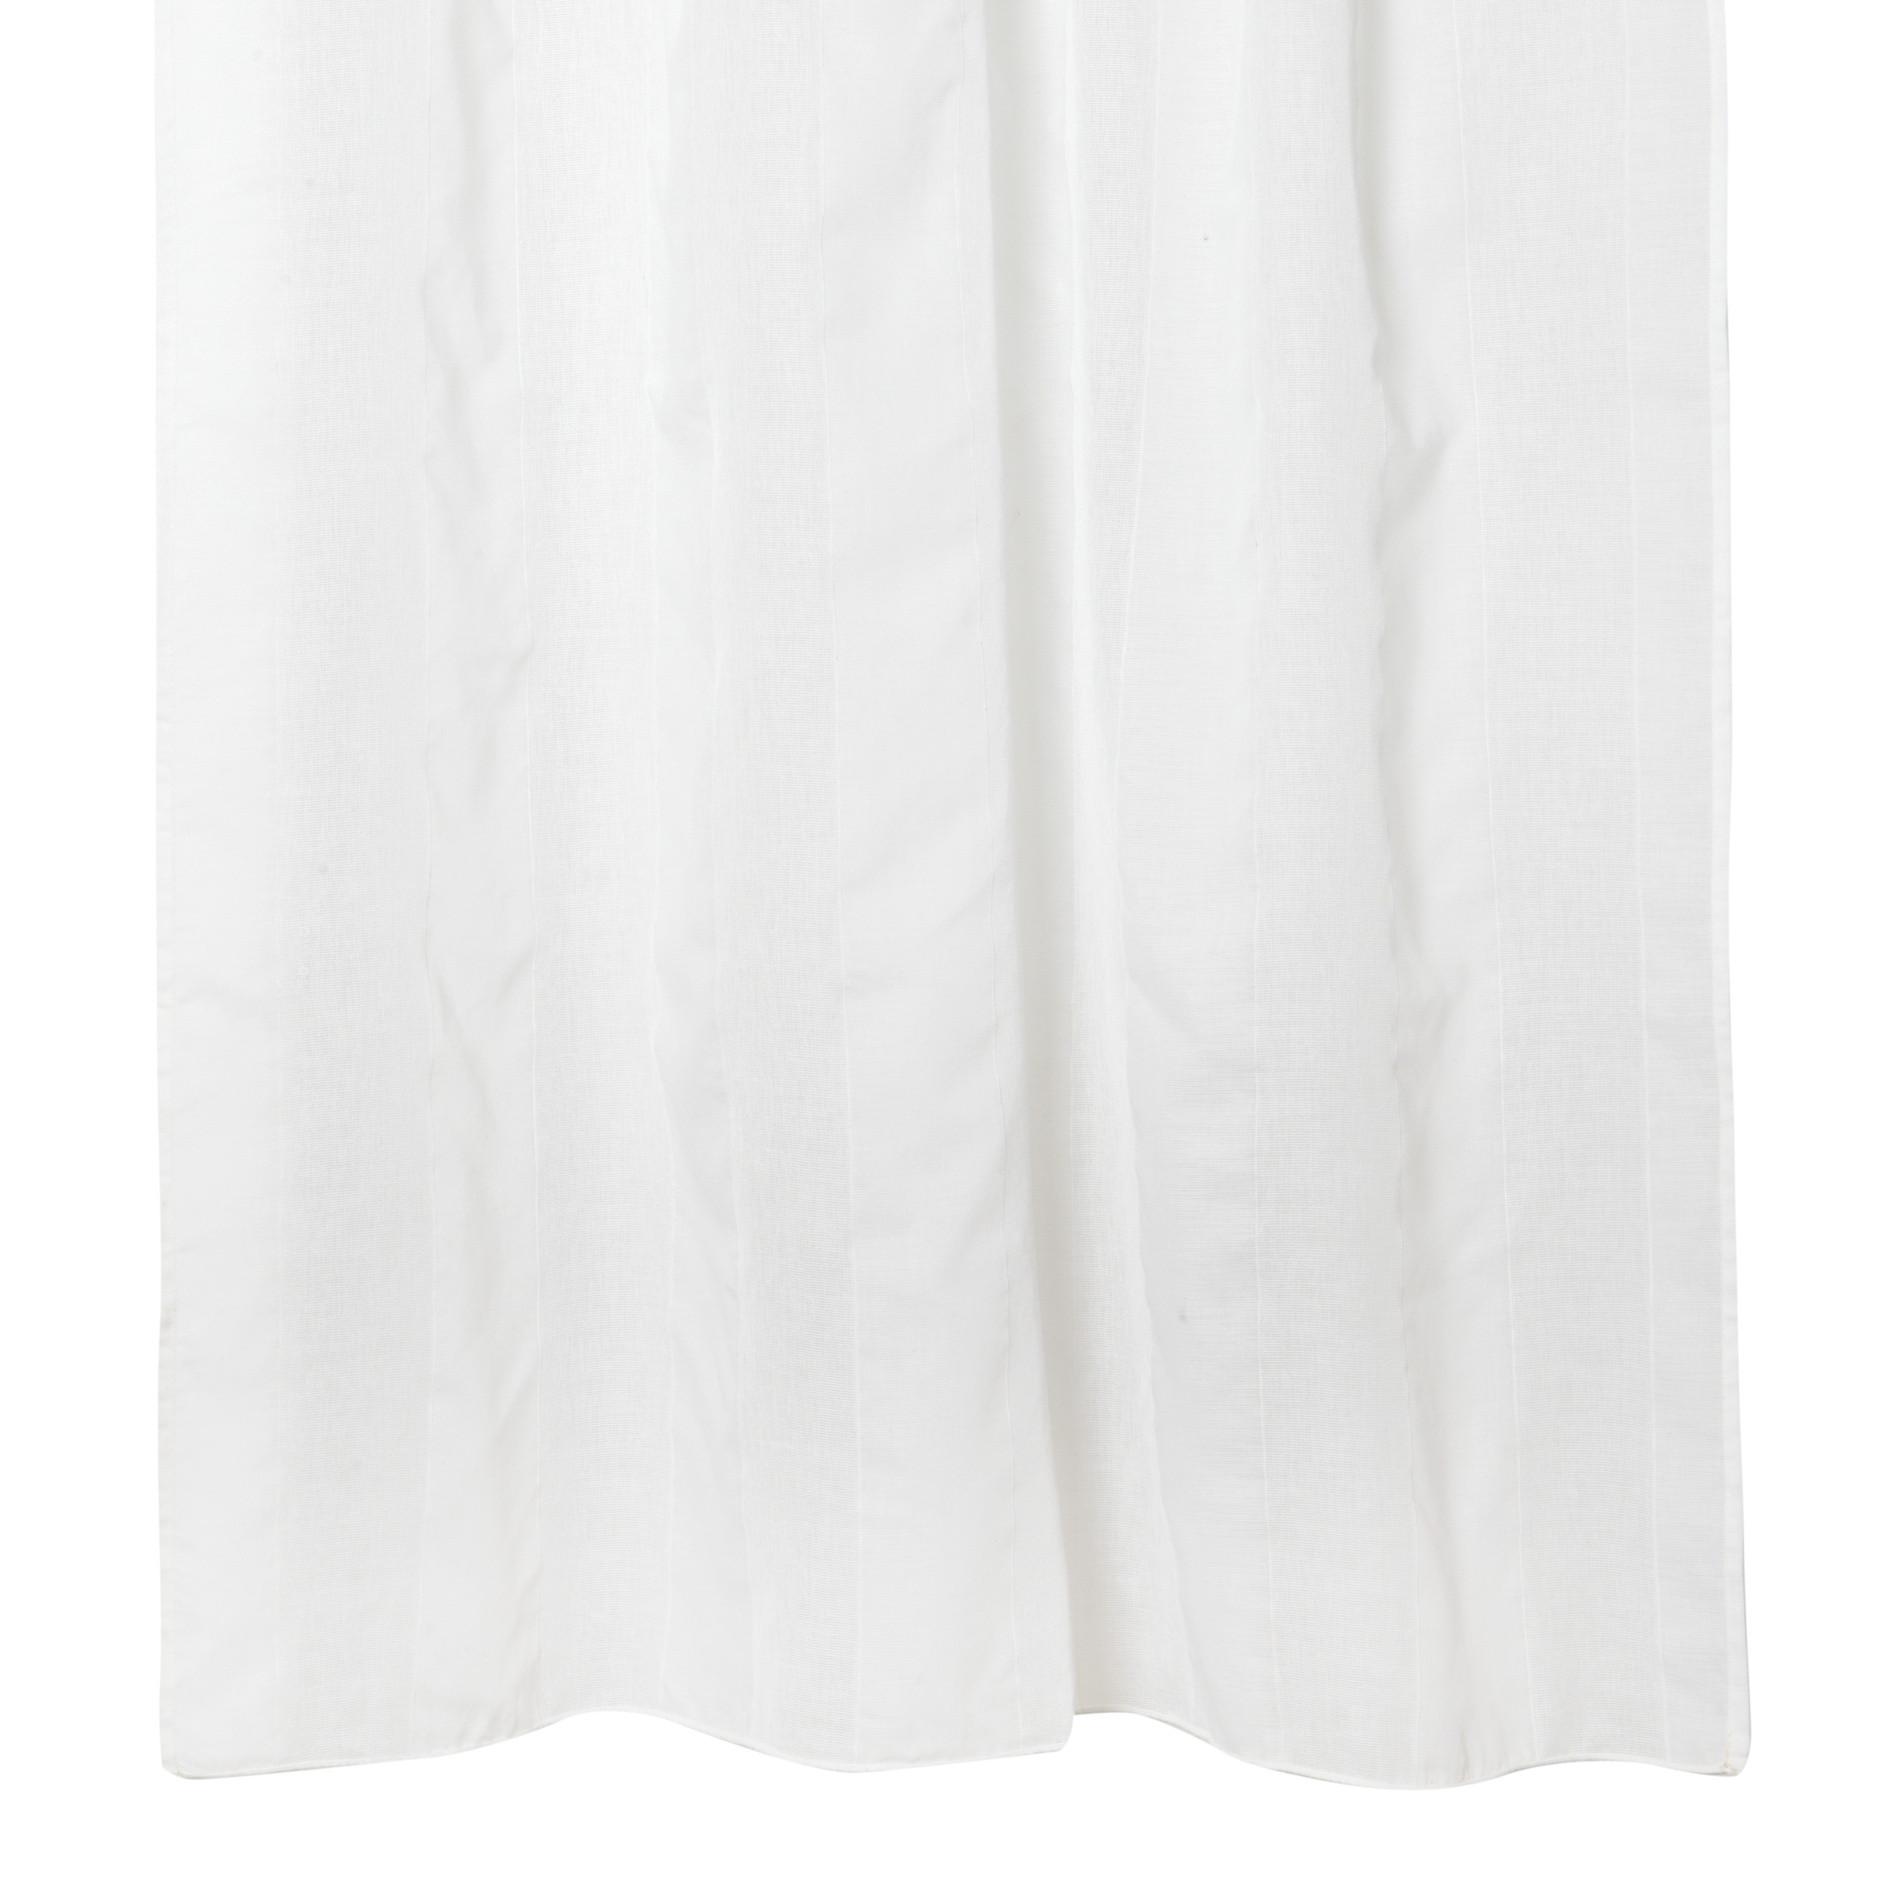 Tenda strisce verticali, Bianco, large image number 0